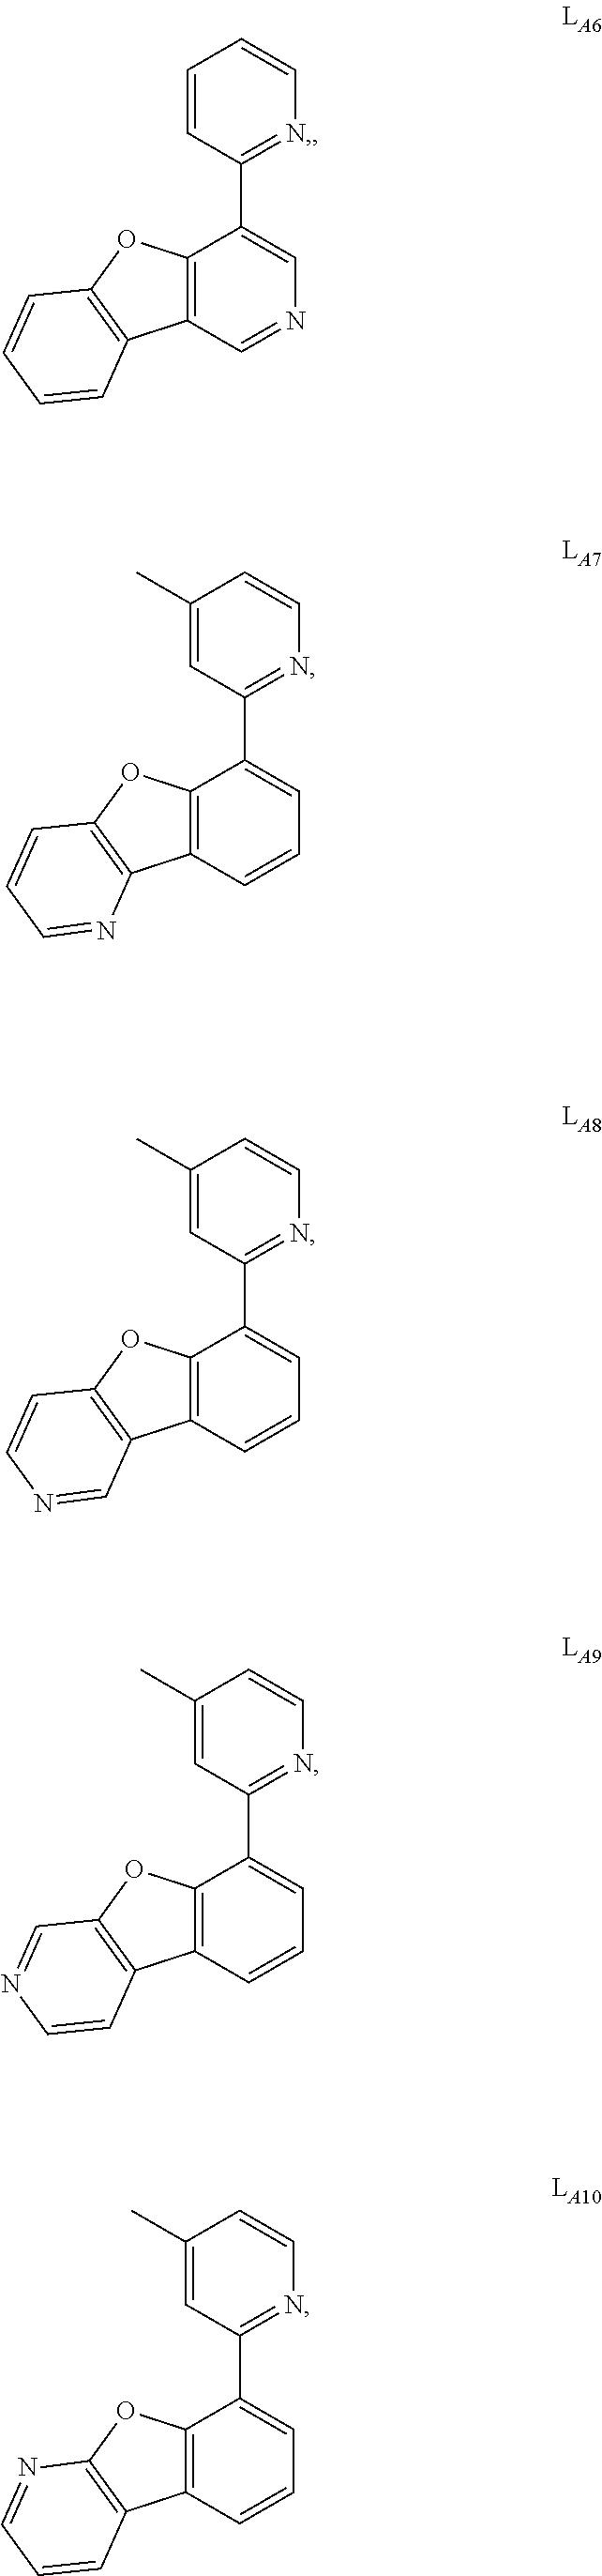 Figure US09634264-20170425-C00050